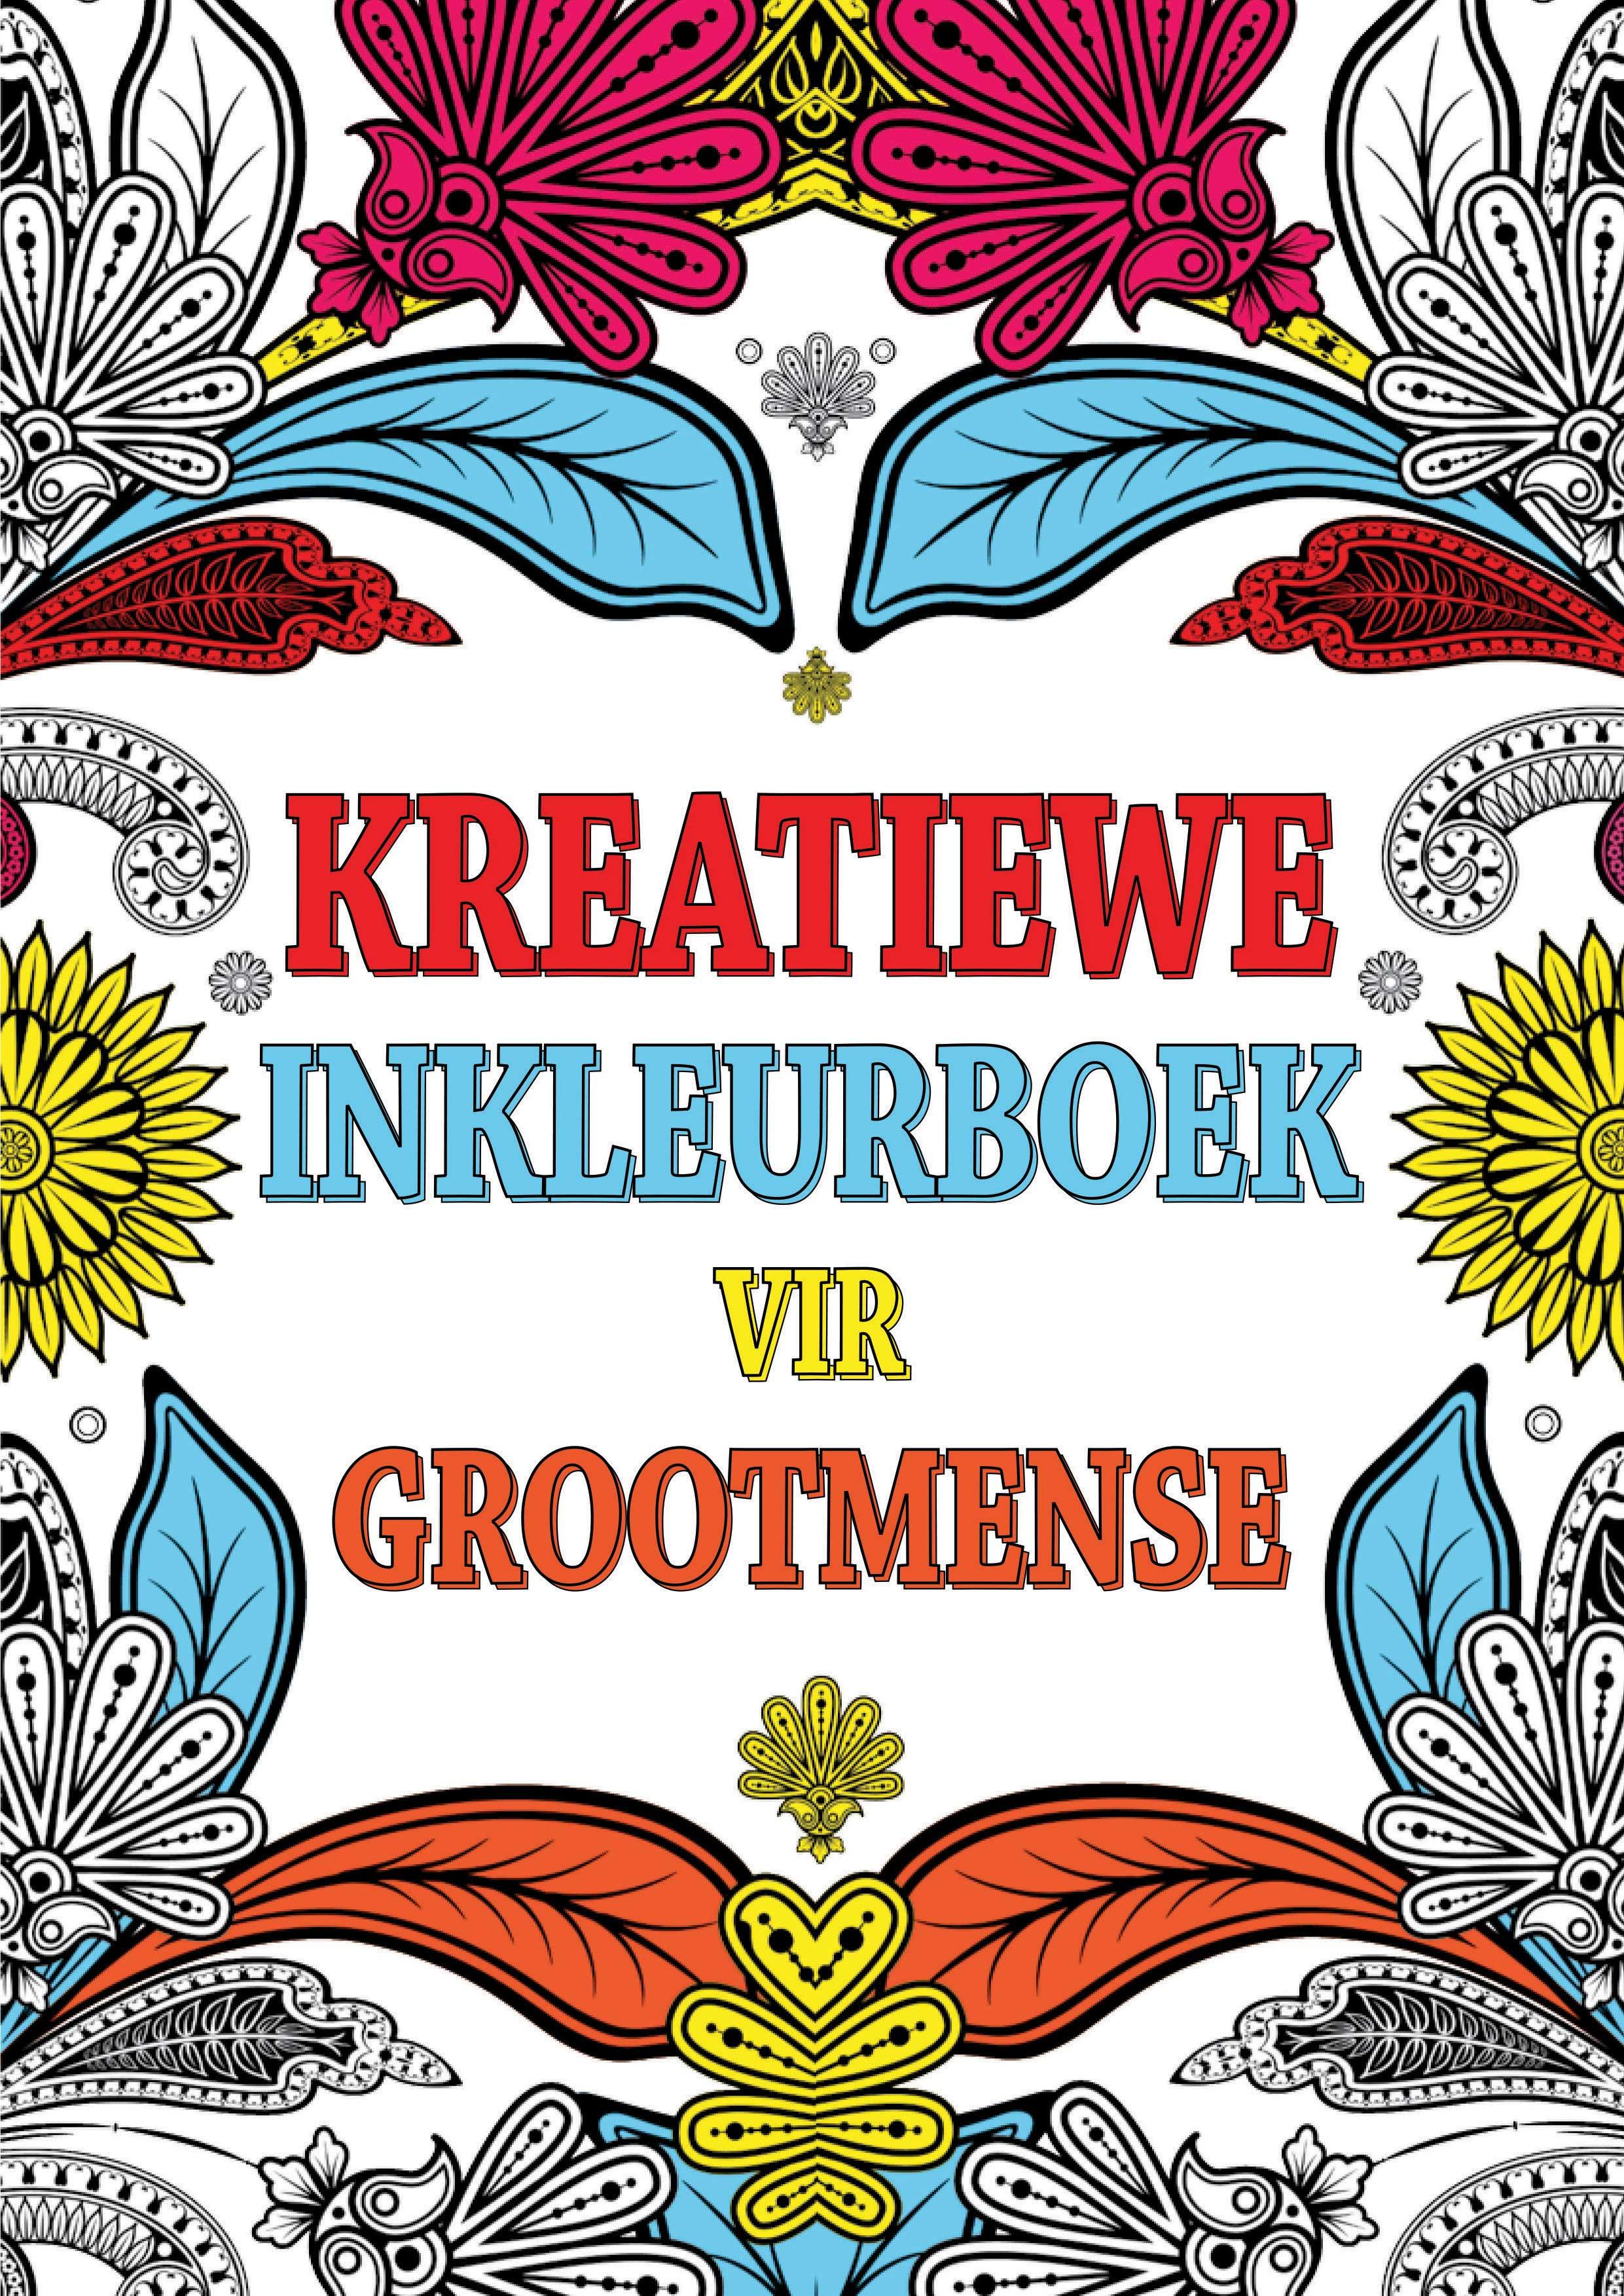 Picture of Kreatiewe inkleurboek vir grootmense